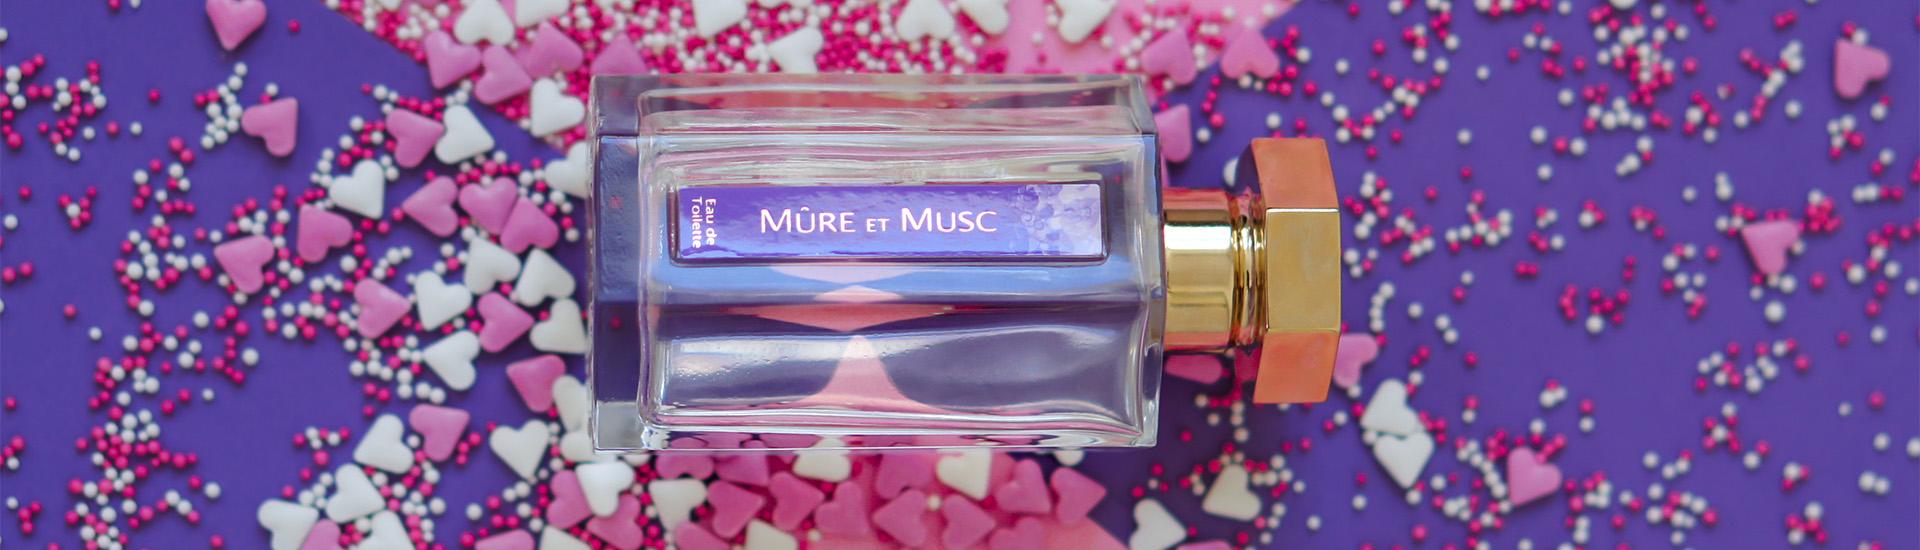 Ежевичная аносмия с ароматом Mure et Musc L'Artisan Parfumeur